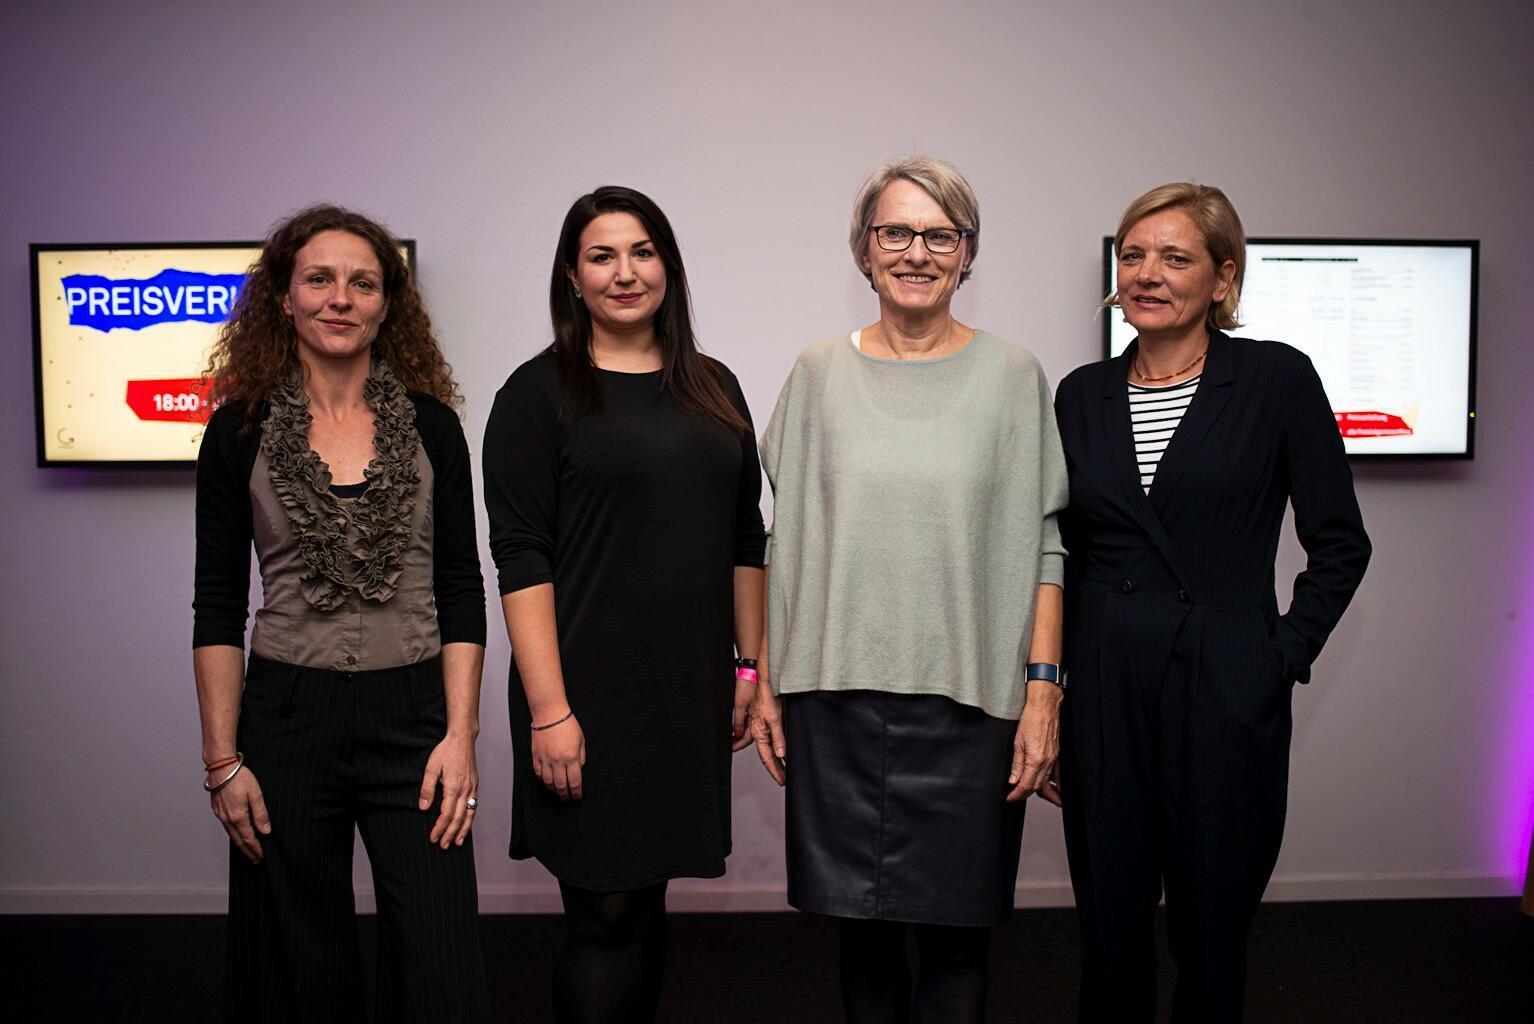 Lebenswelt von Mädchen auf die Leinwand gebracht | Mannheim.de